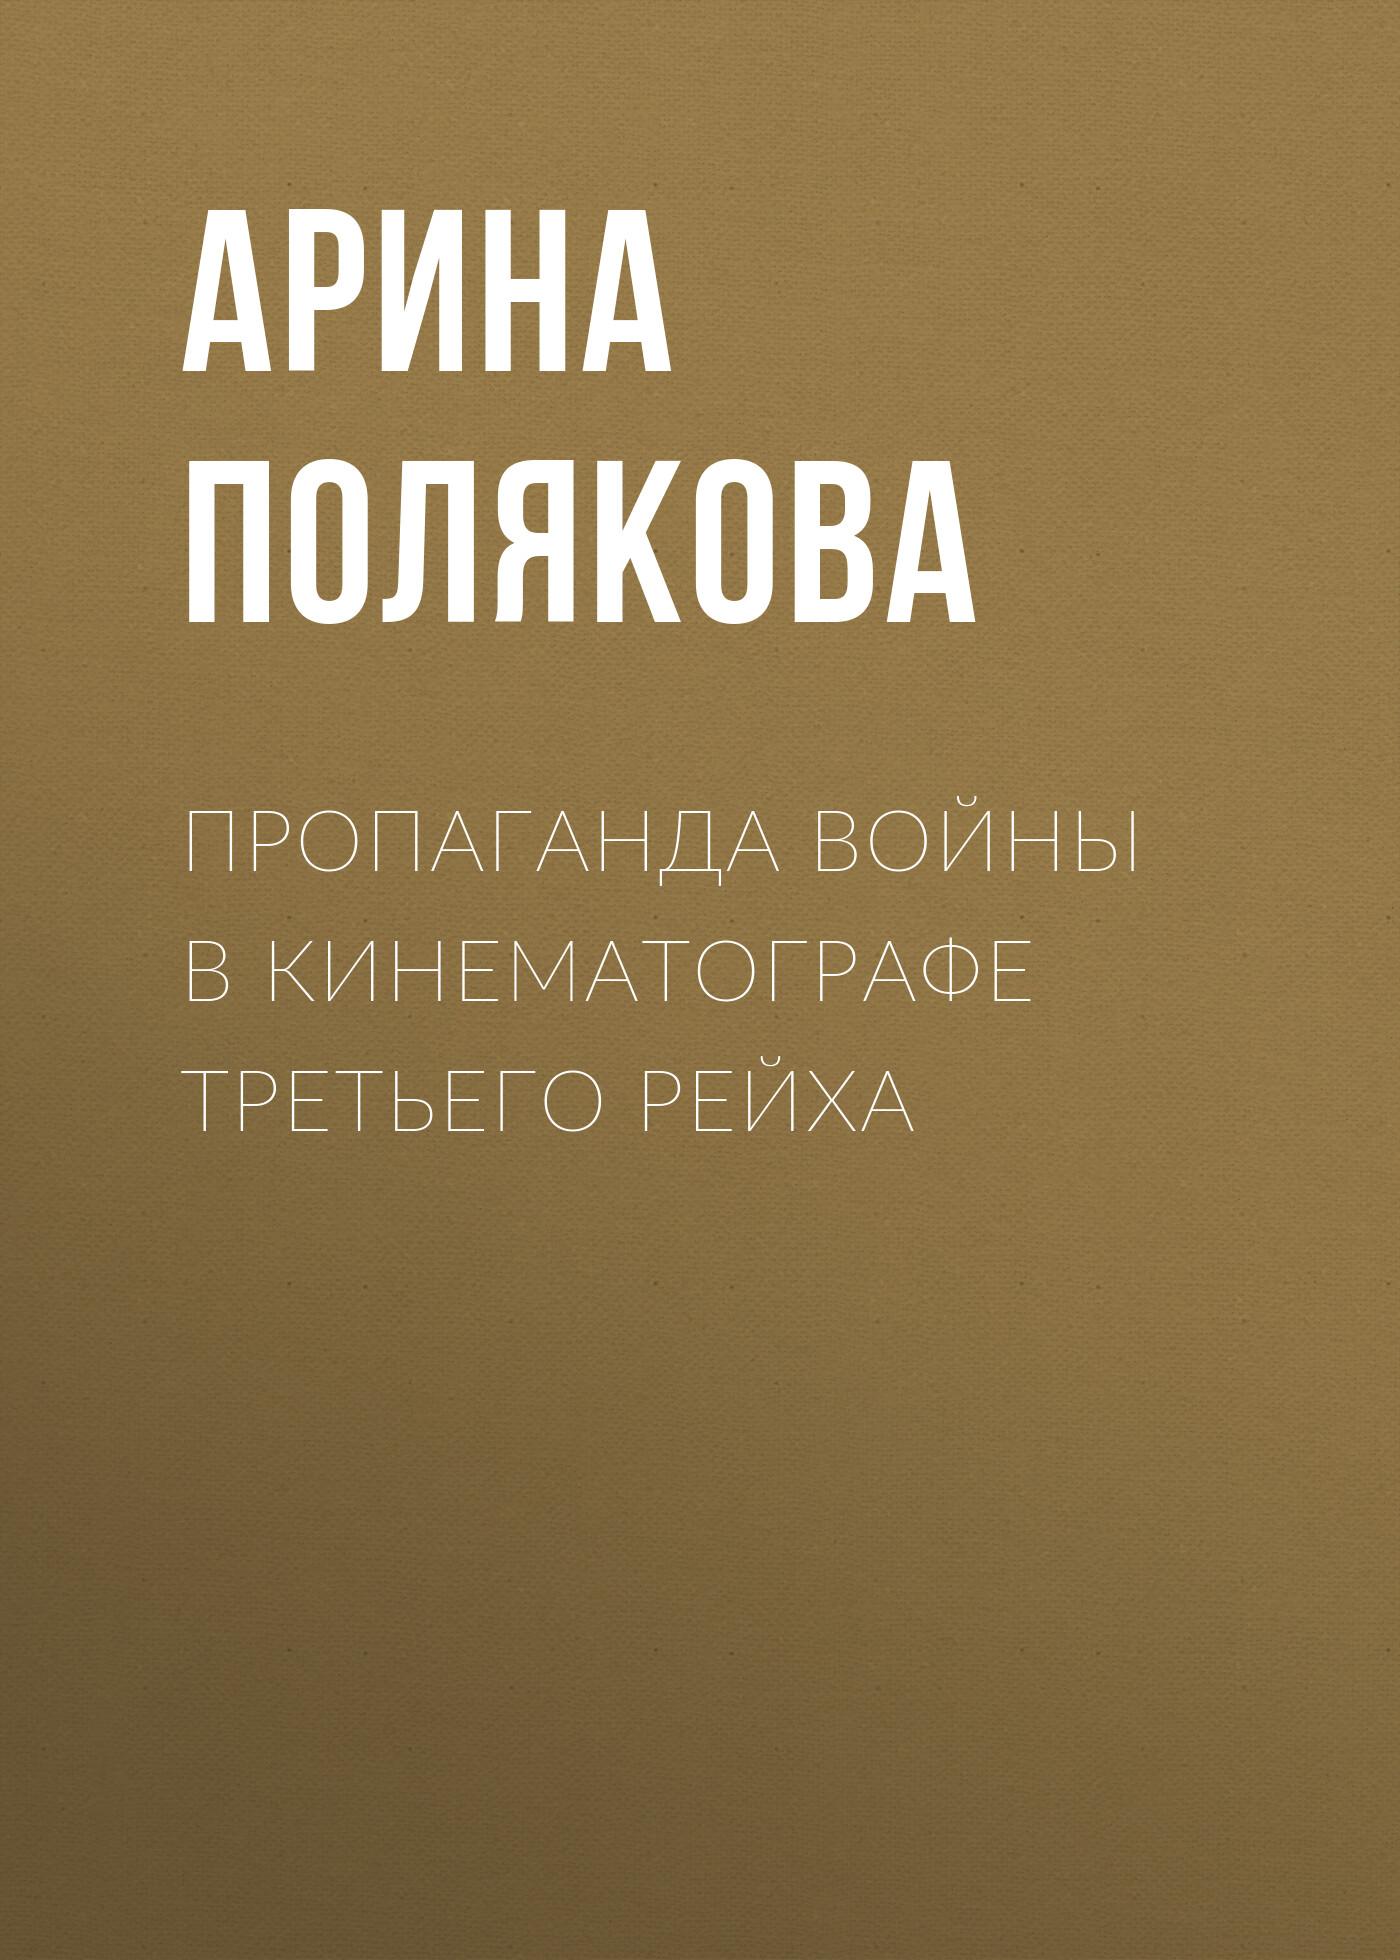 Арина Полякова Пропаганда войны в кинематографе Третьего Рейха сетевое оборудование и средства коммуникации